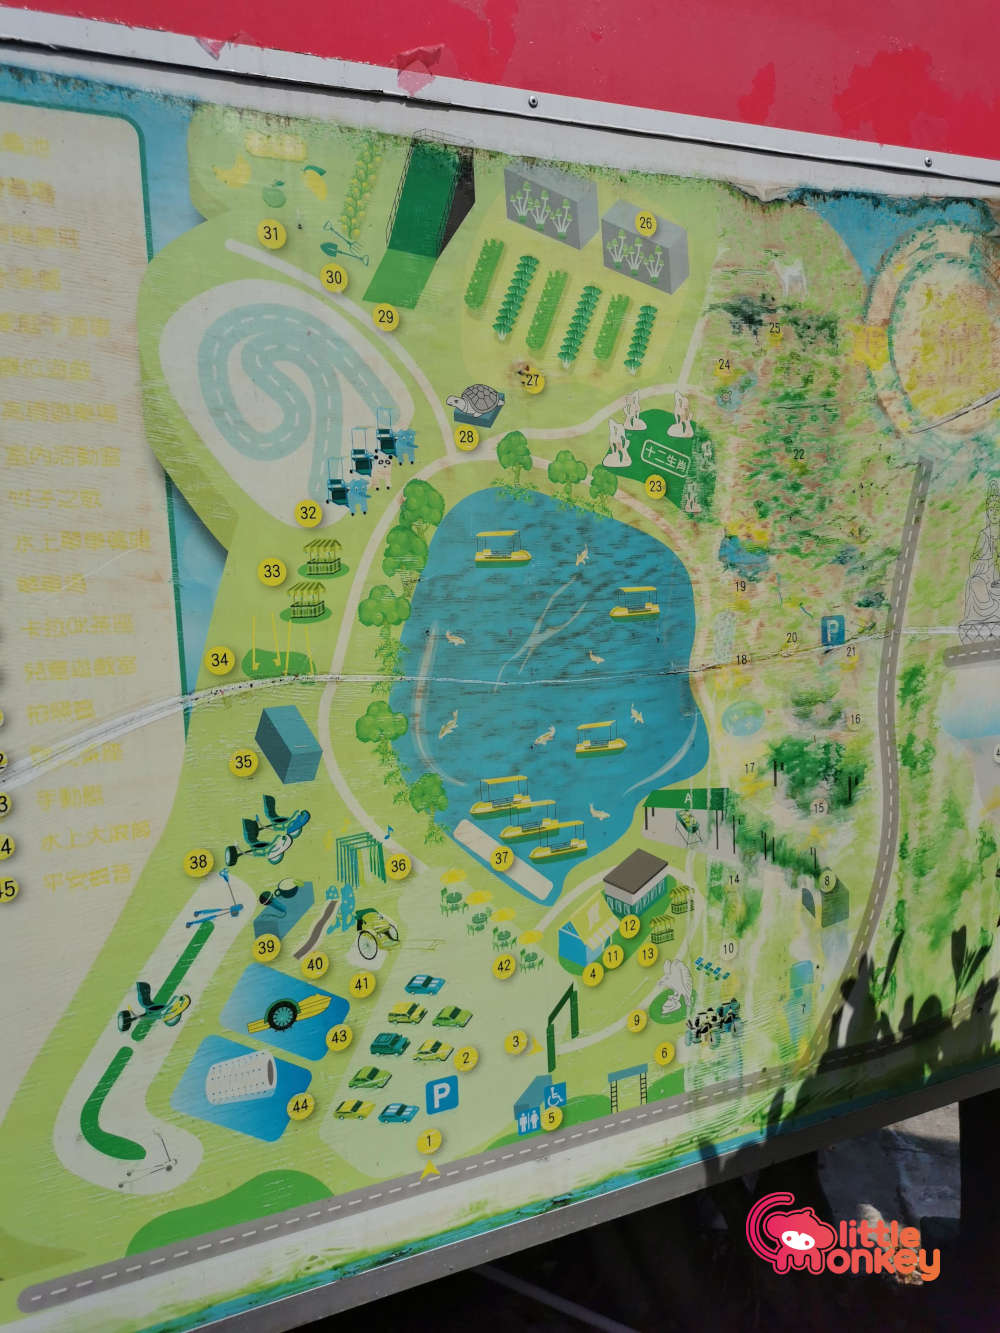 Map of Tin Shui Wai Green Field Garden